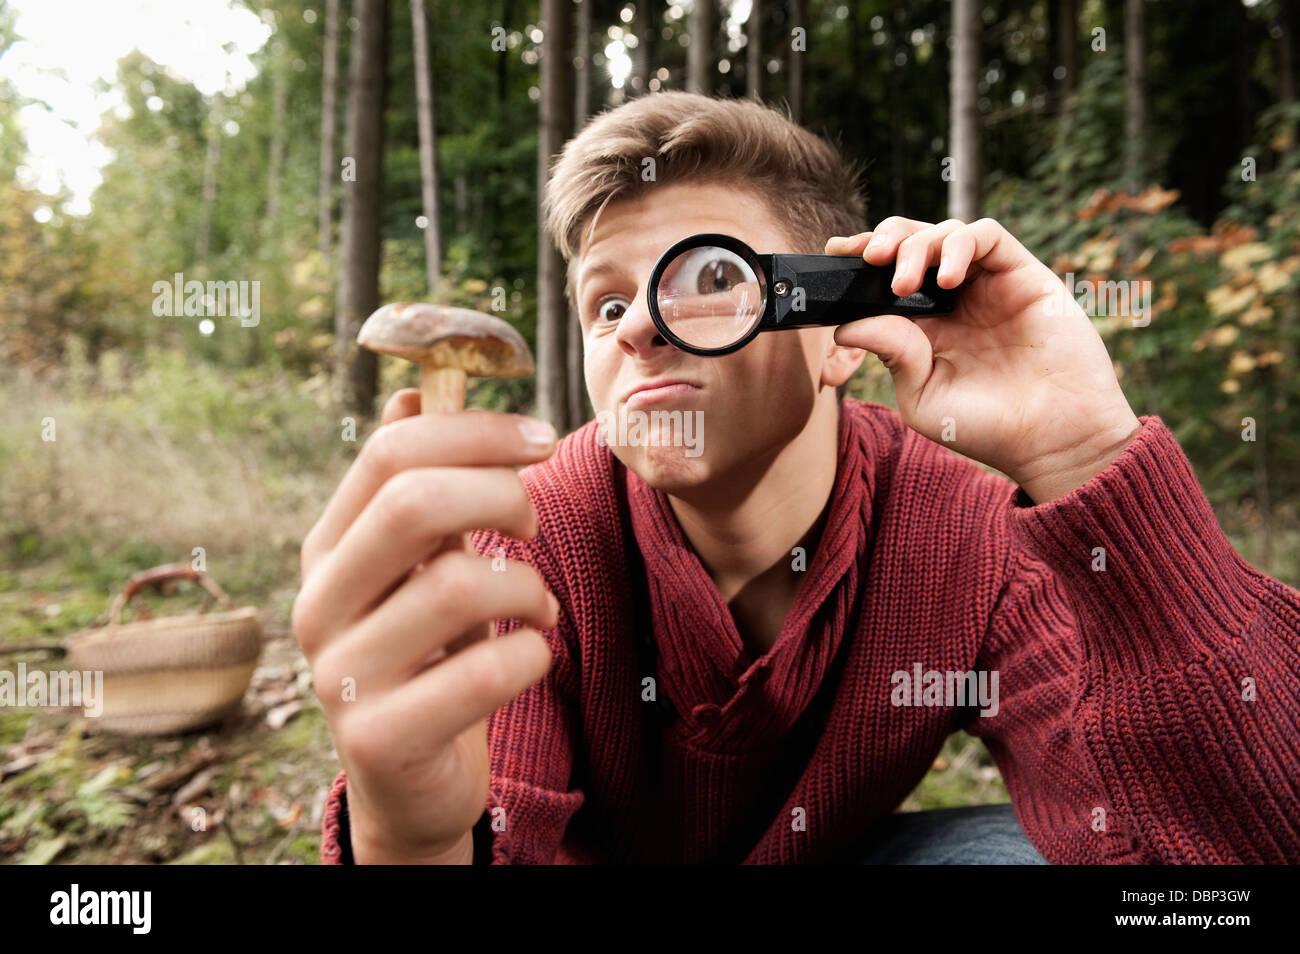 Adolescente mirando a través de una lupa de setas, Baviera, Alemania, Europa Imagen De Stock